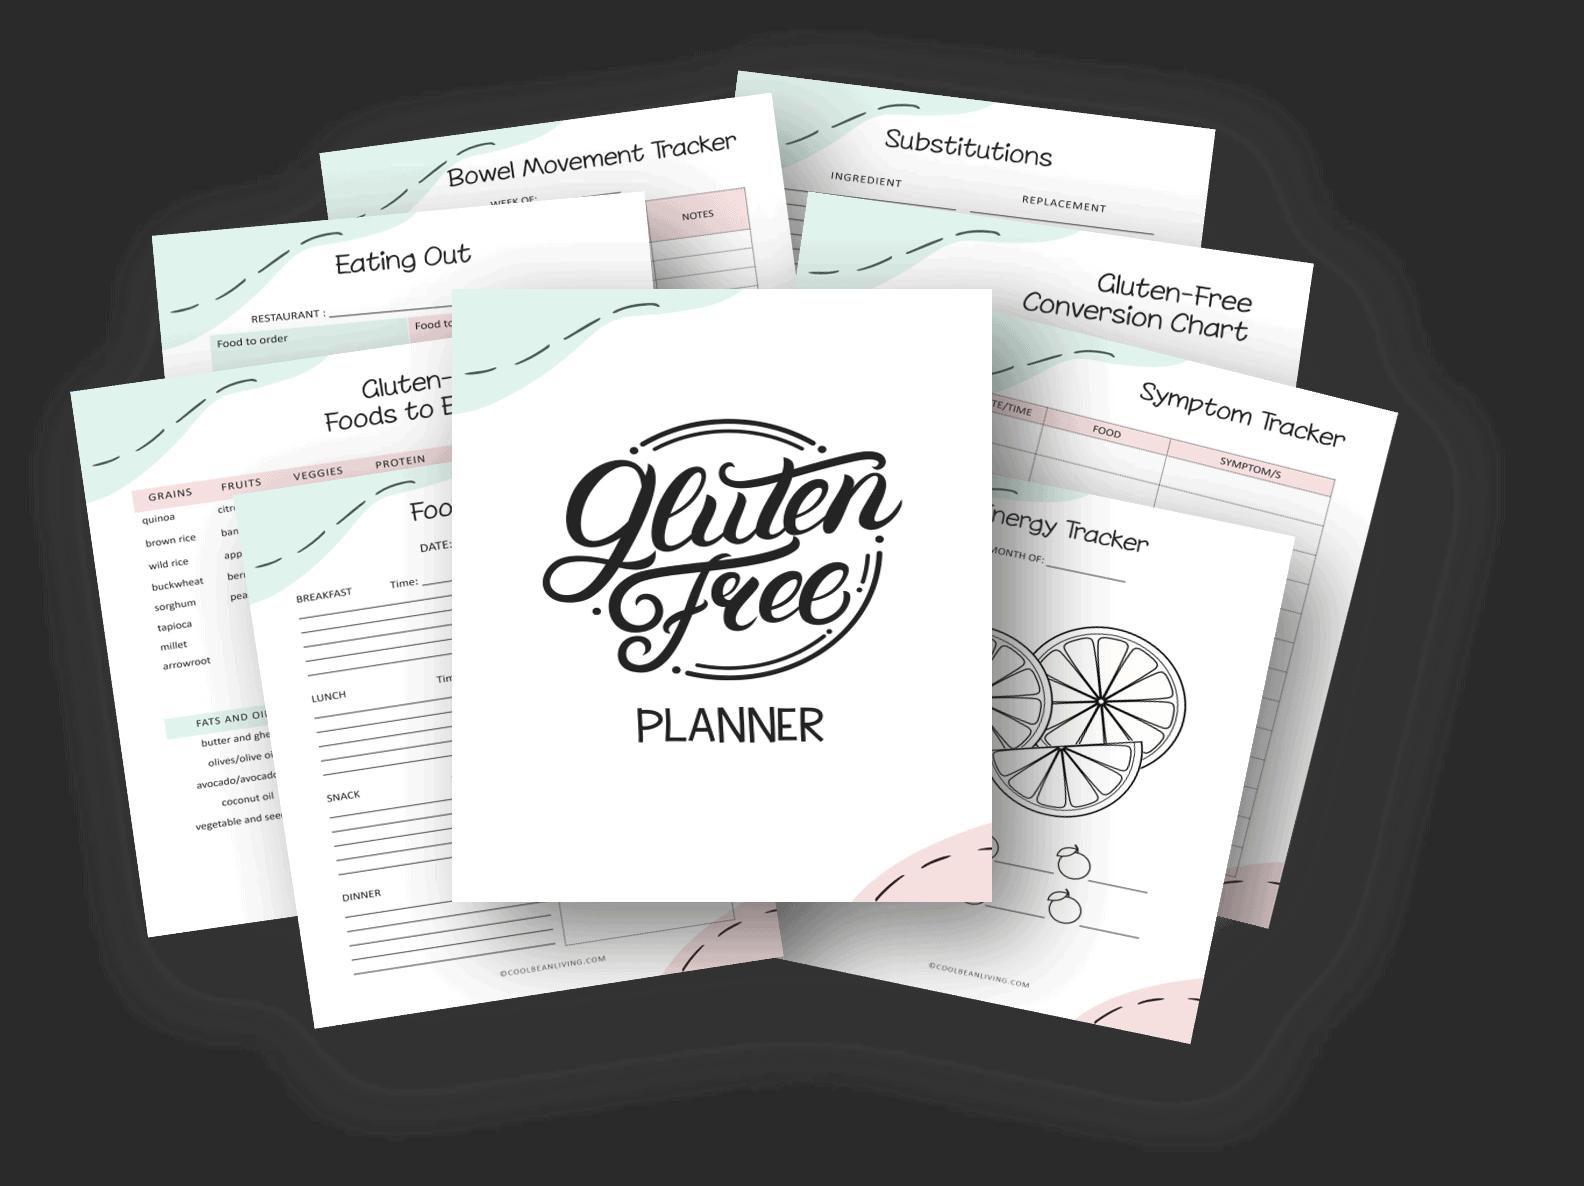 gluten-free diet planner